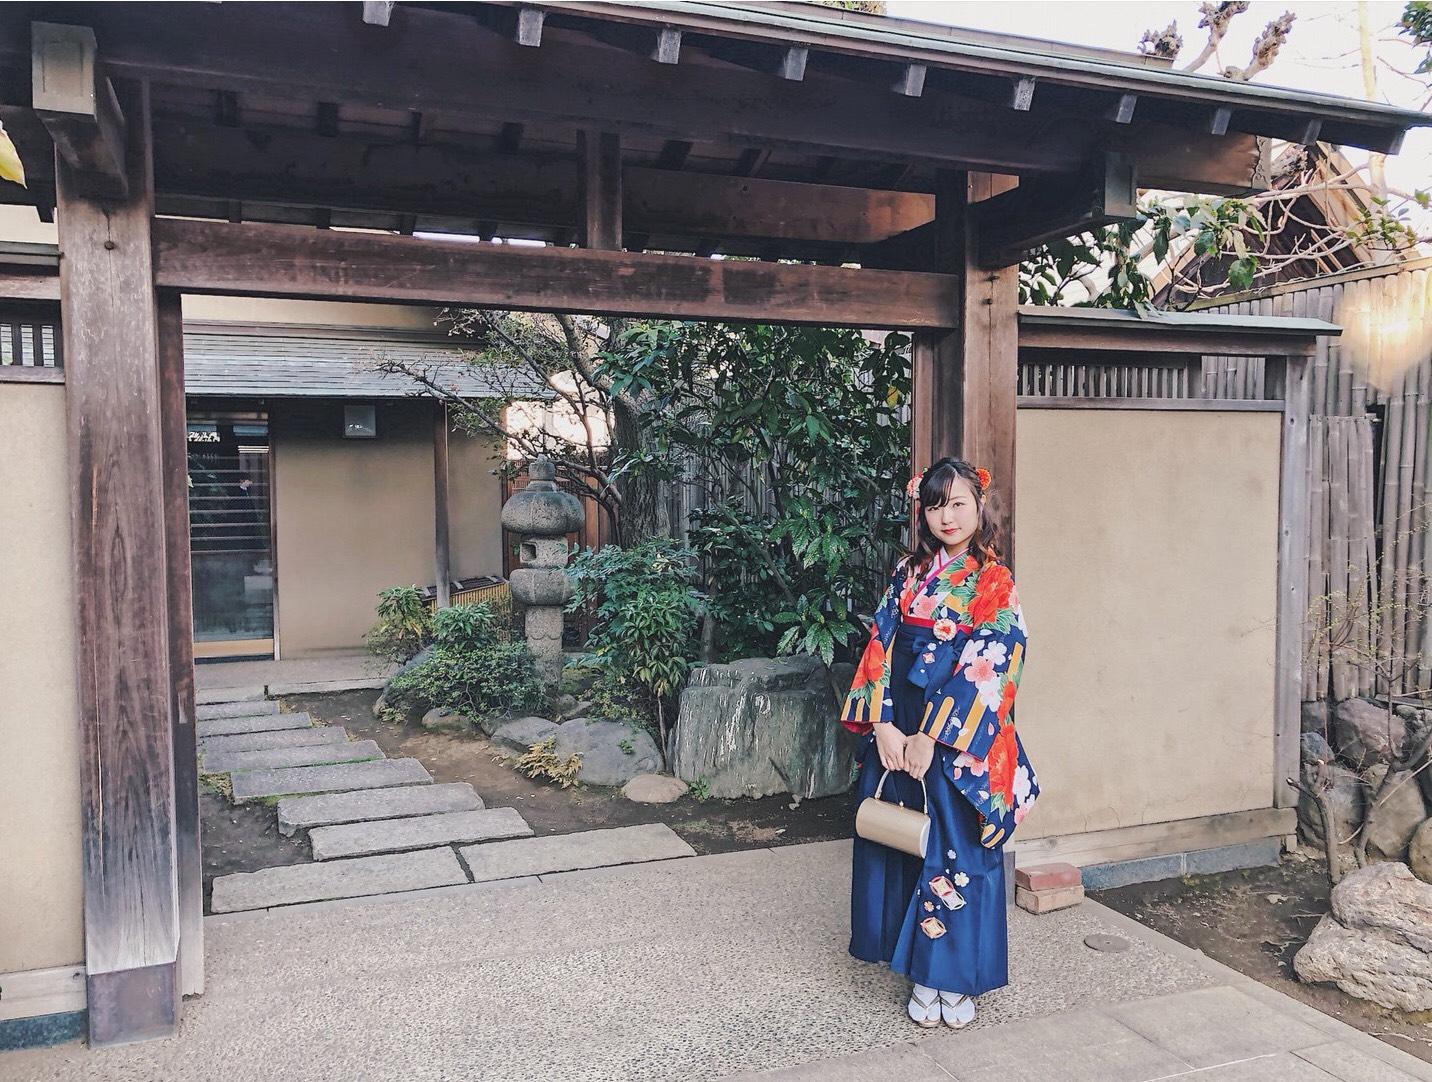 【袴】とてもかわいい袴でした!